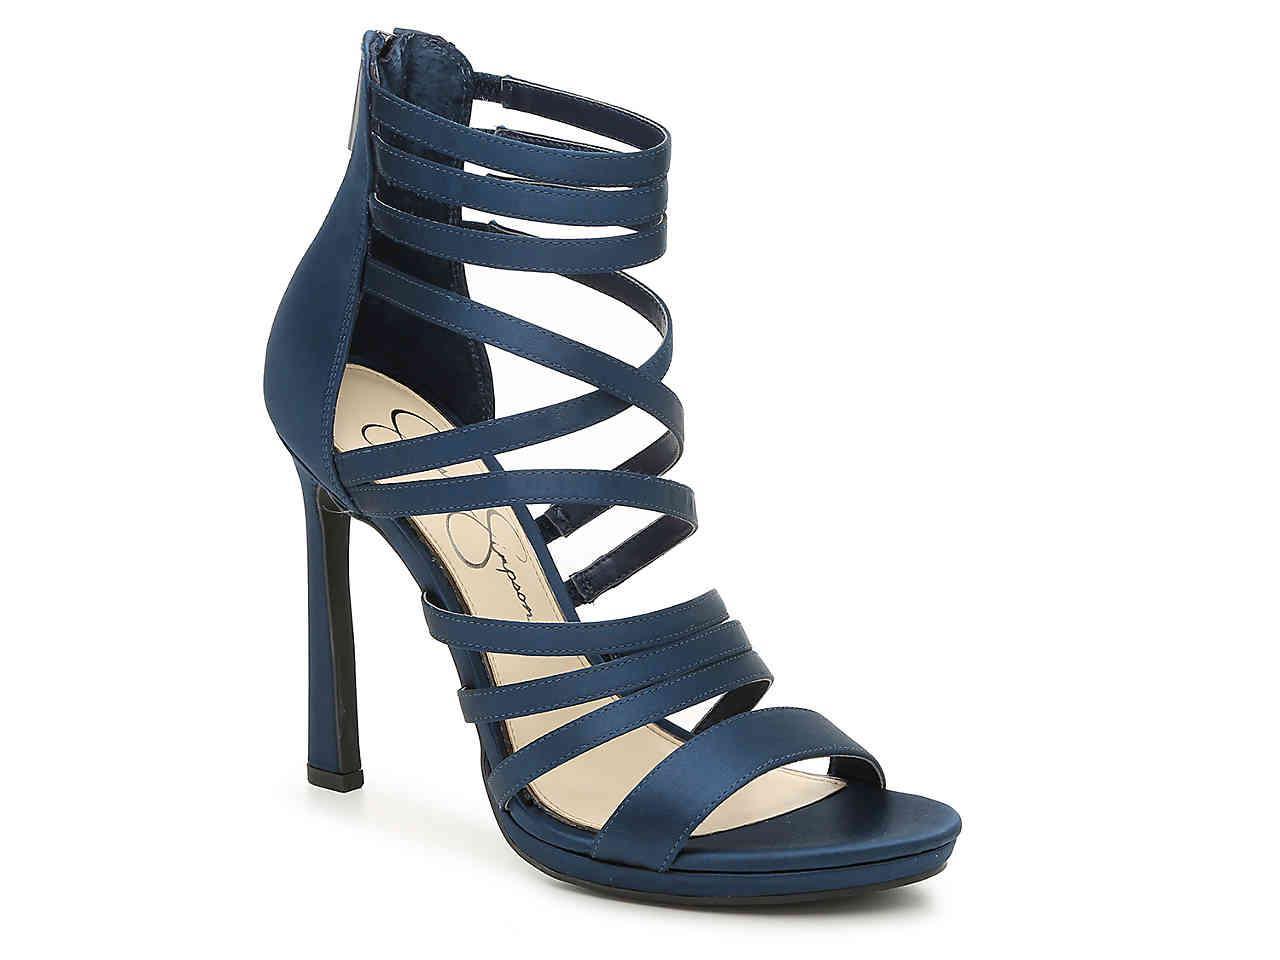 Lyst Jessica Simpson Palkaya Sandal in Blue Blue Blue aadd1d